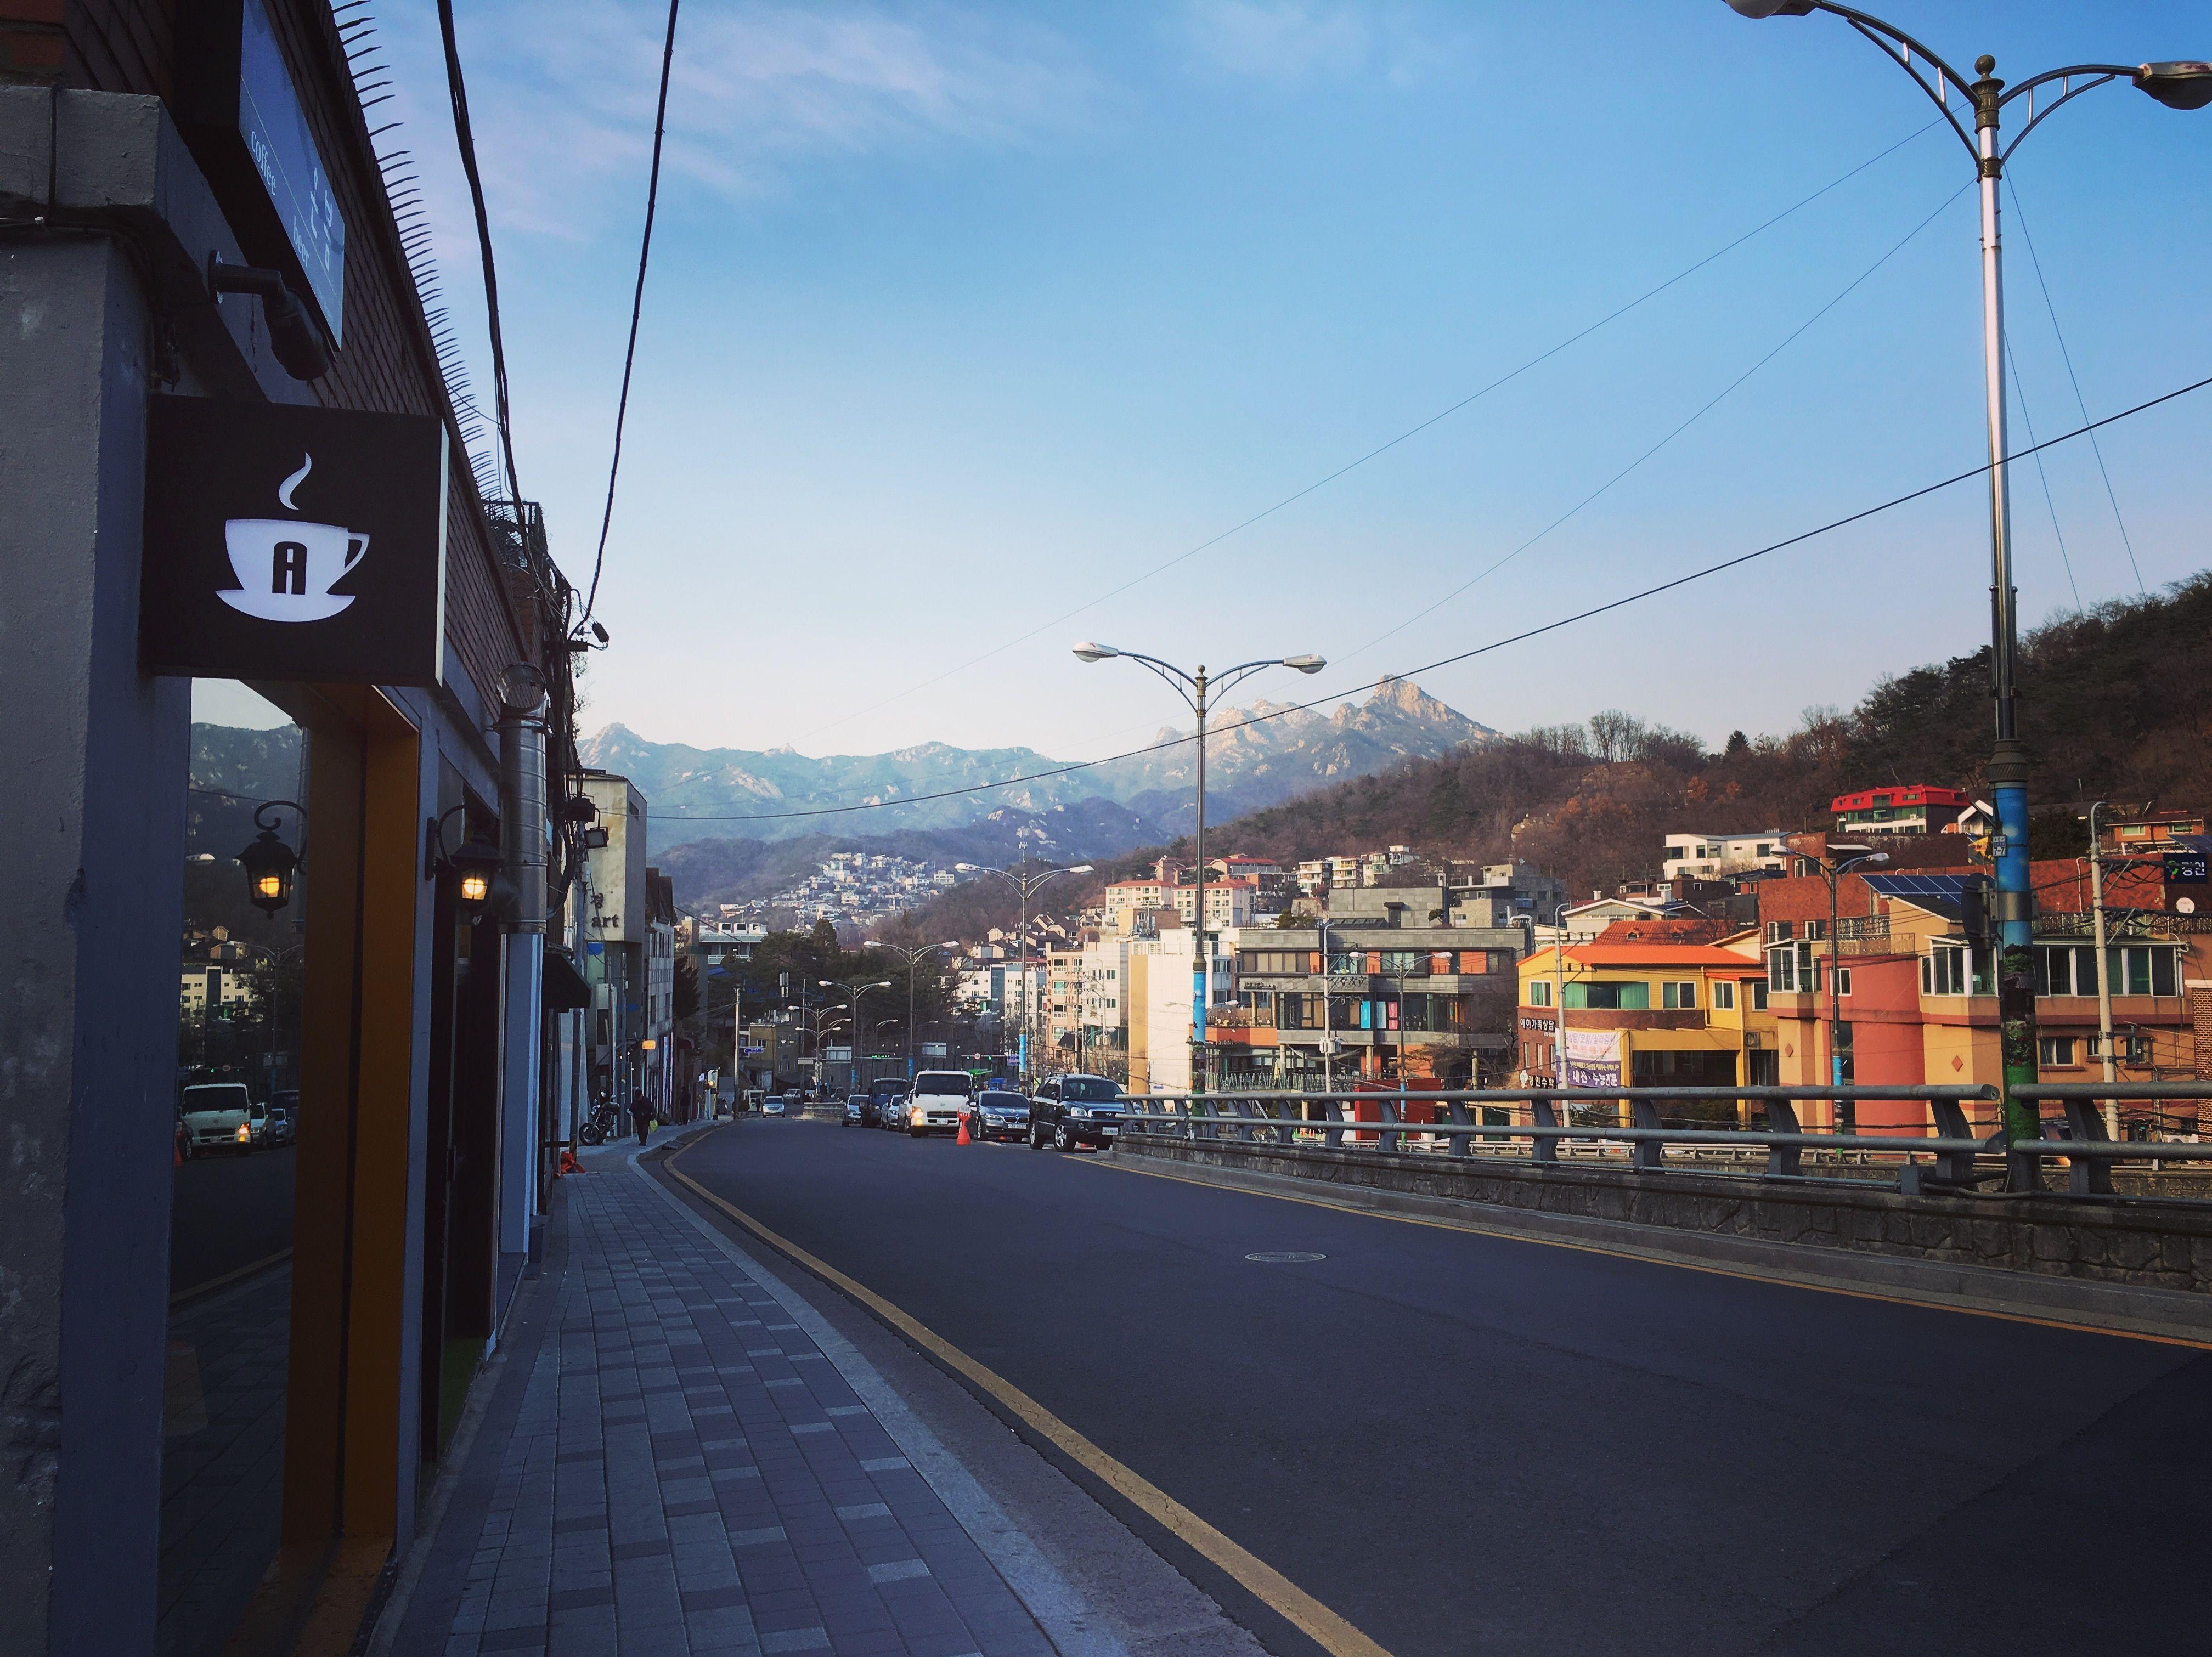 서울의 거리 부암동 종로구 buamdong jongrogu Local tour, Tours